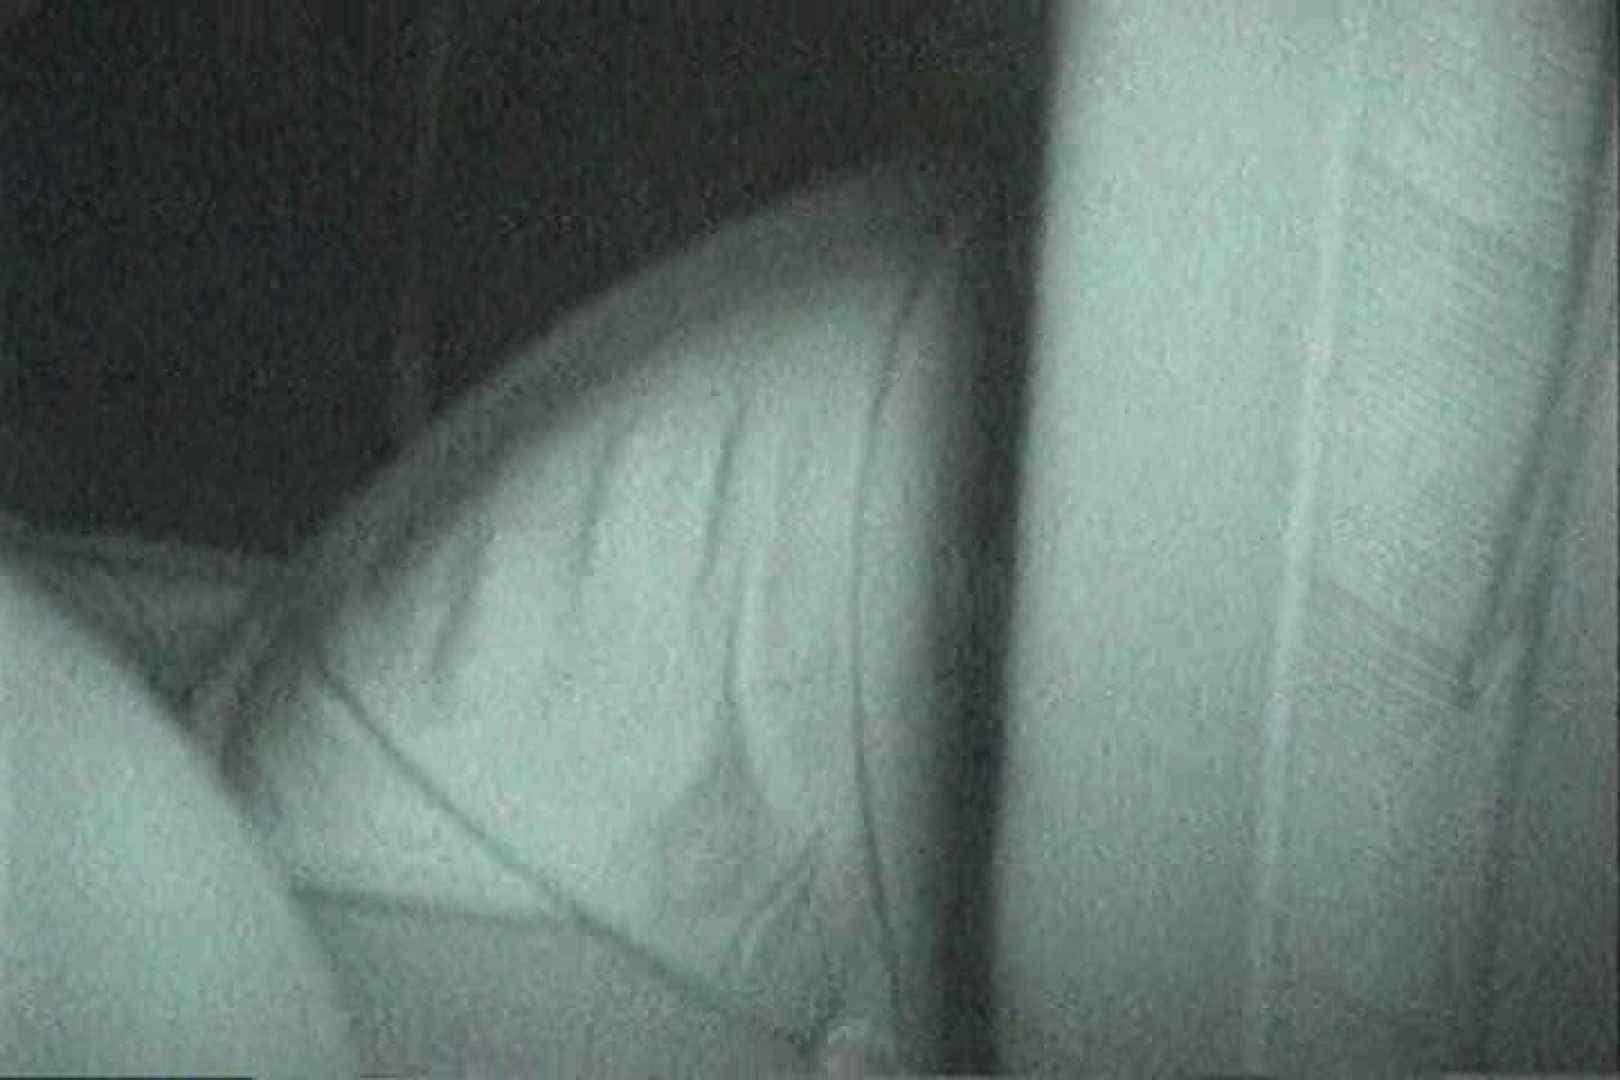 充血監督の深夜の運動会Vol.157 OLセックス   車  109画像 91